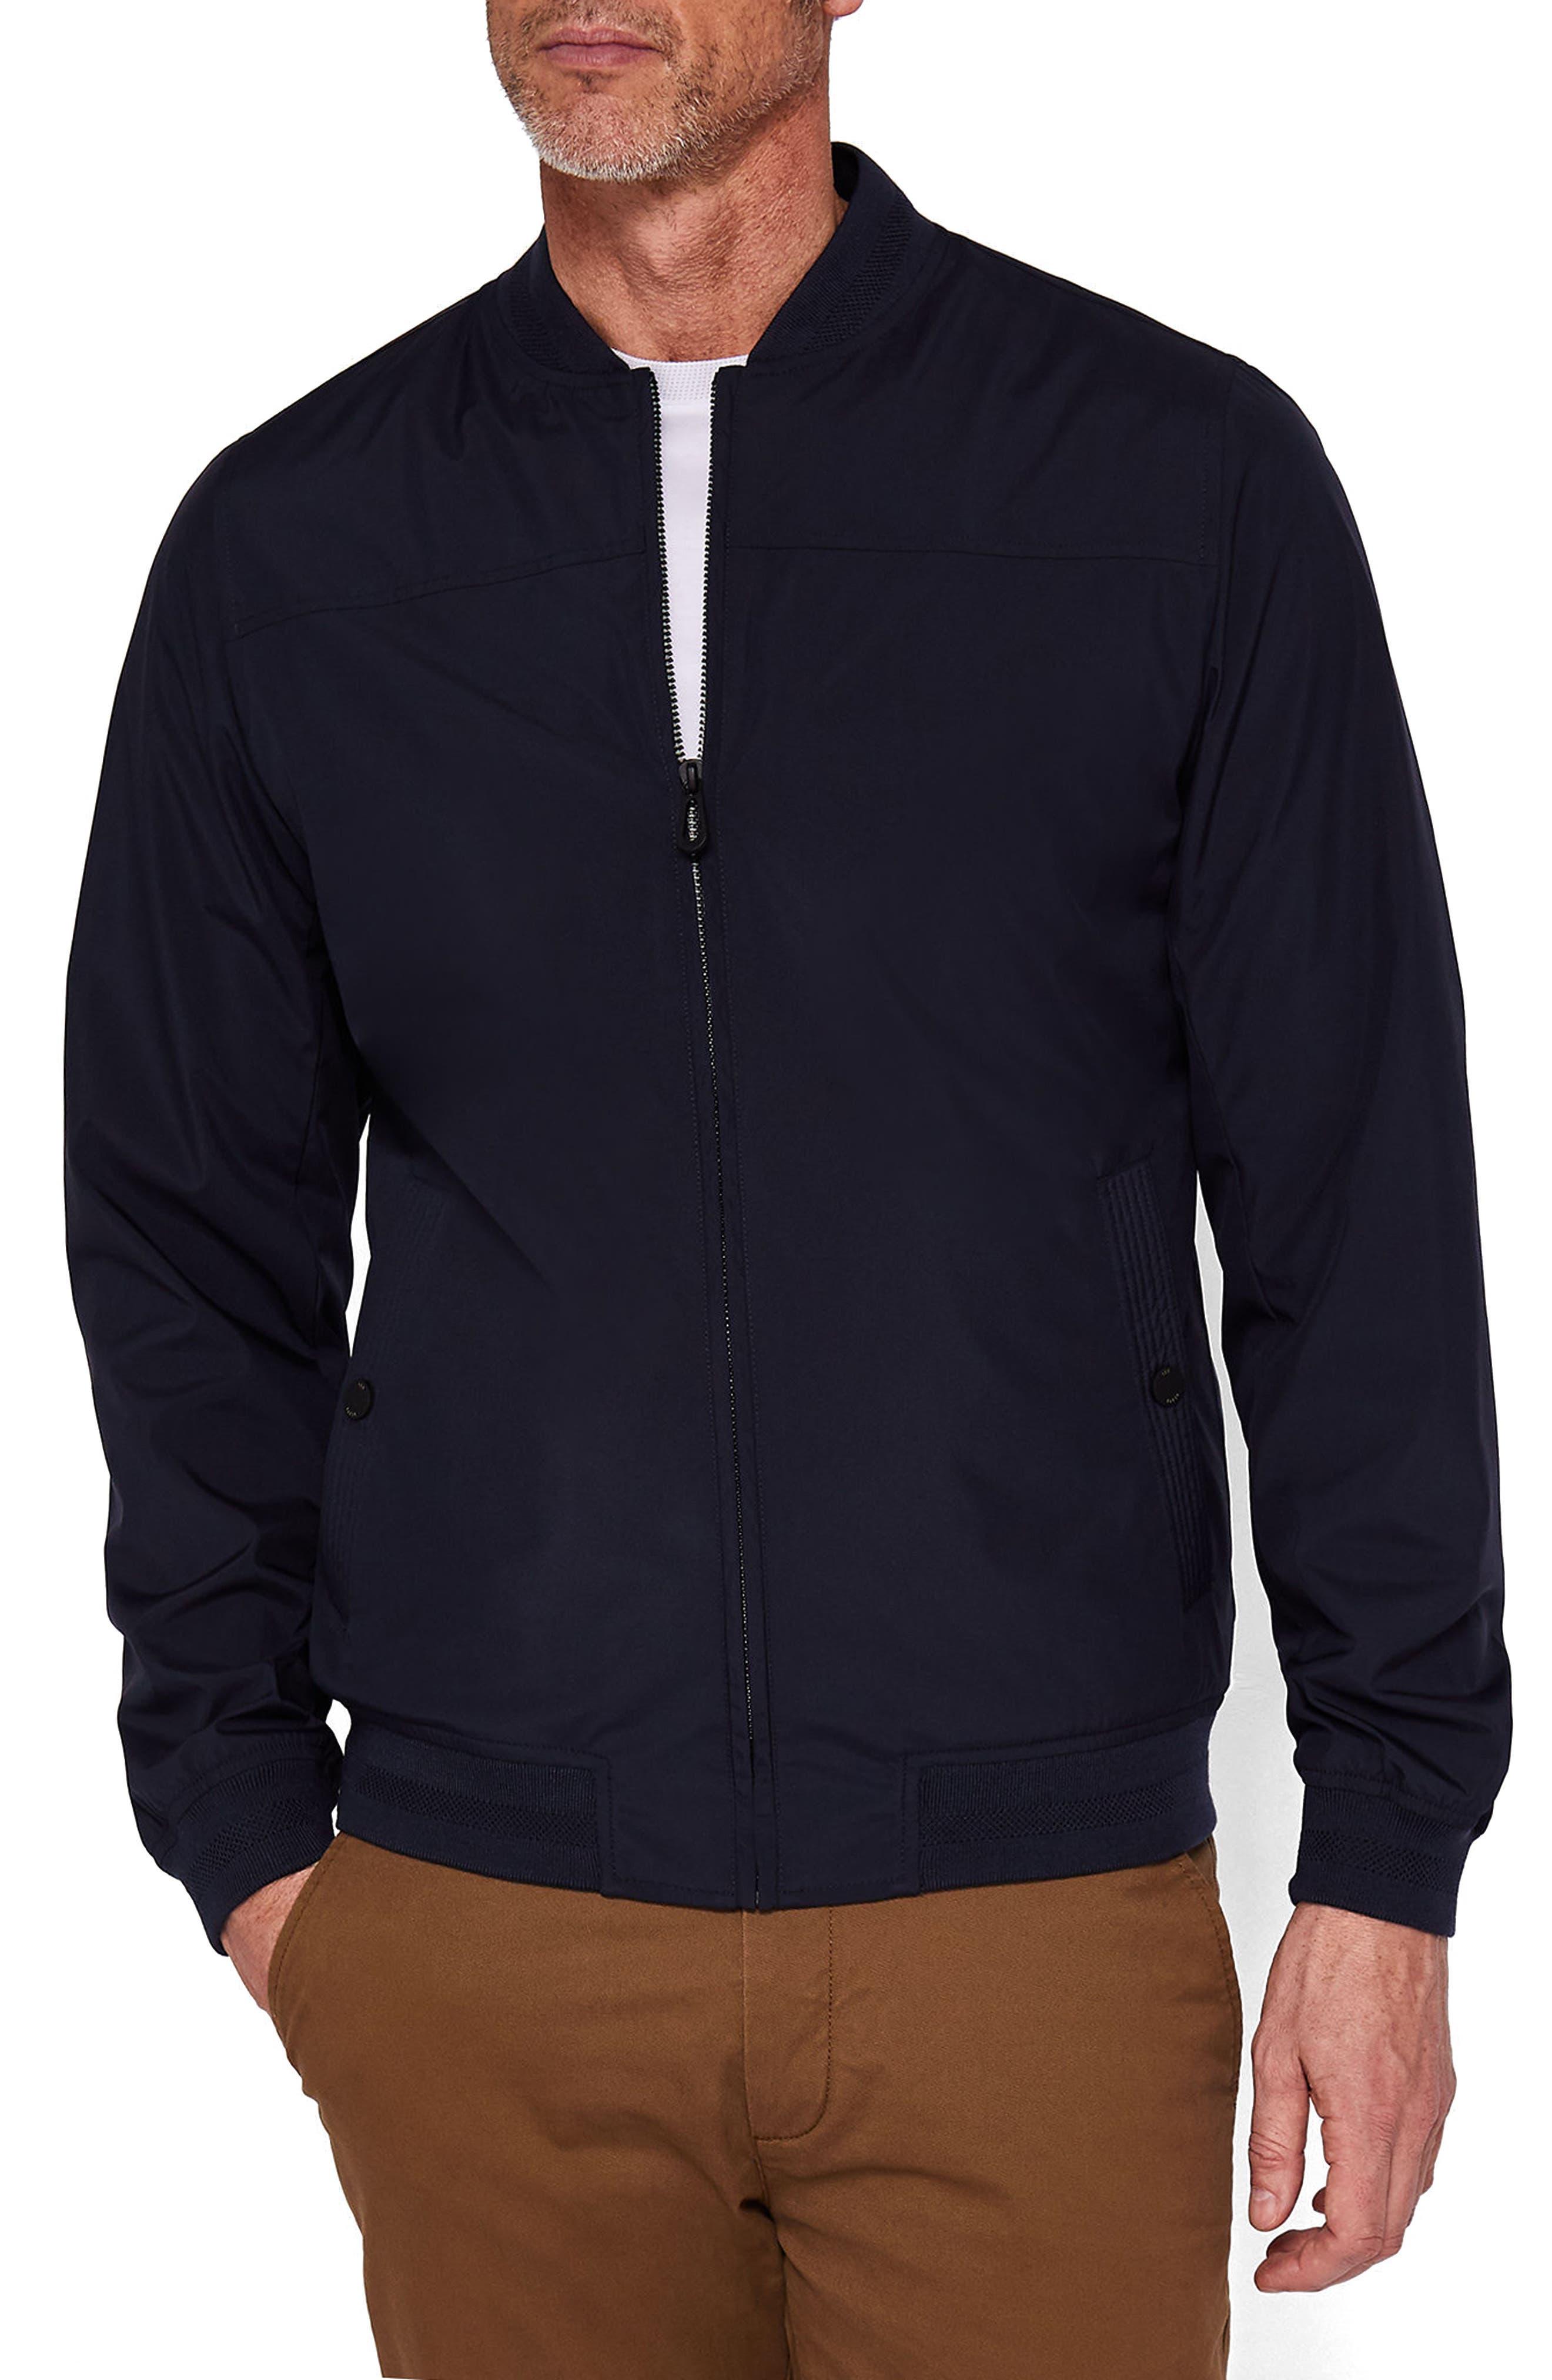 Ohtatt Bomber Jacket,                         Main,                         color, Navy